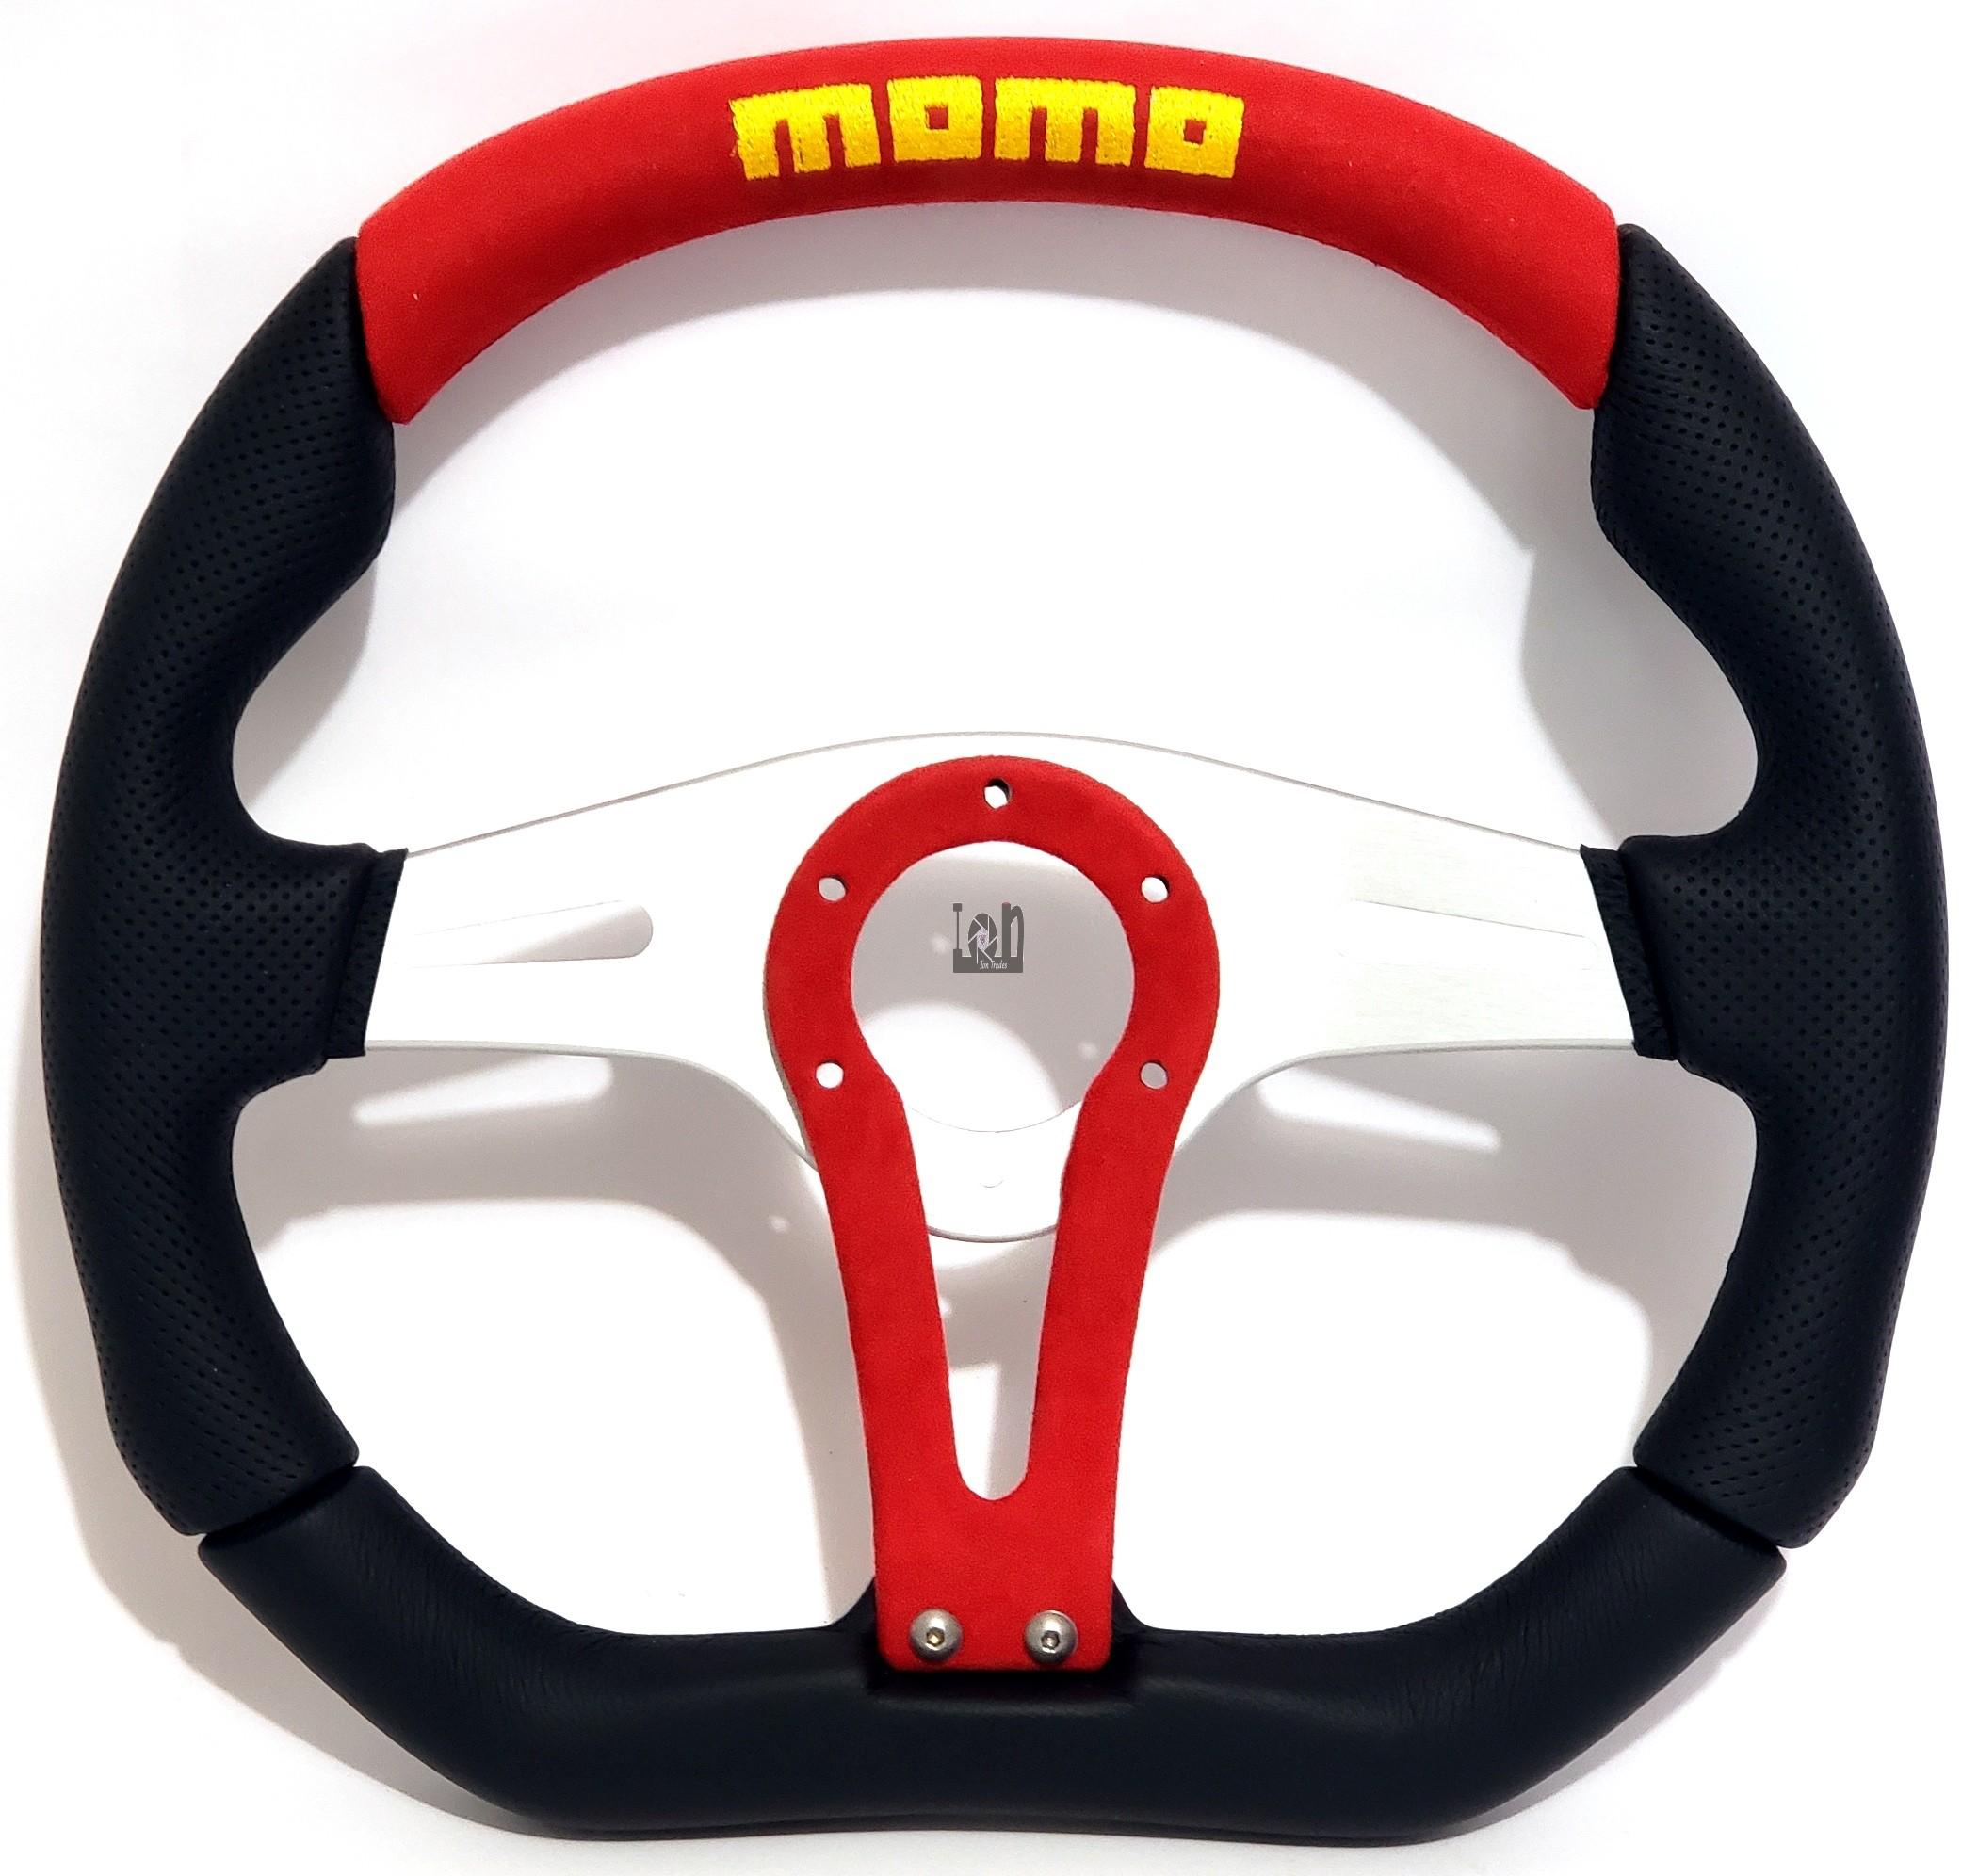 Momo Racing Steering Wheel 350mm RED Trek Leather from Italy